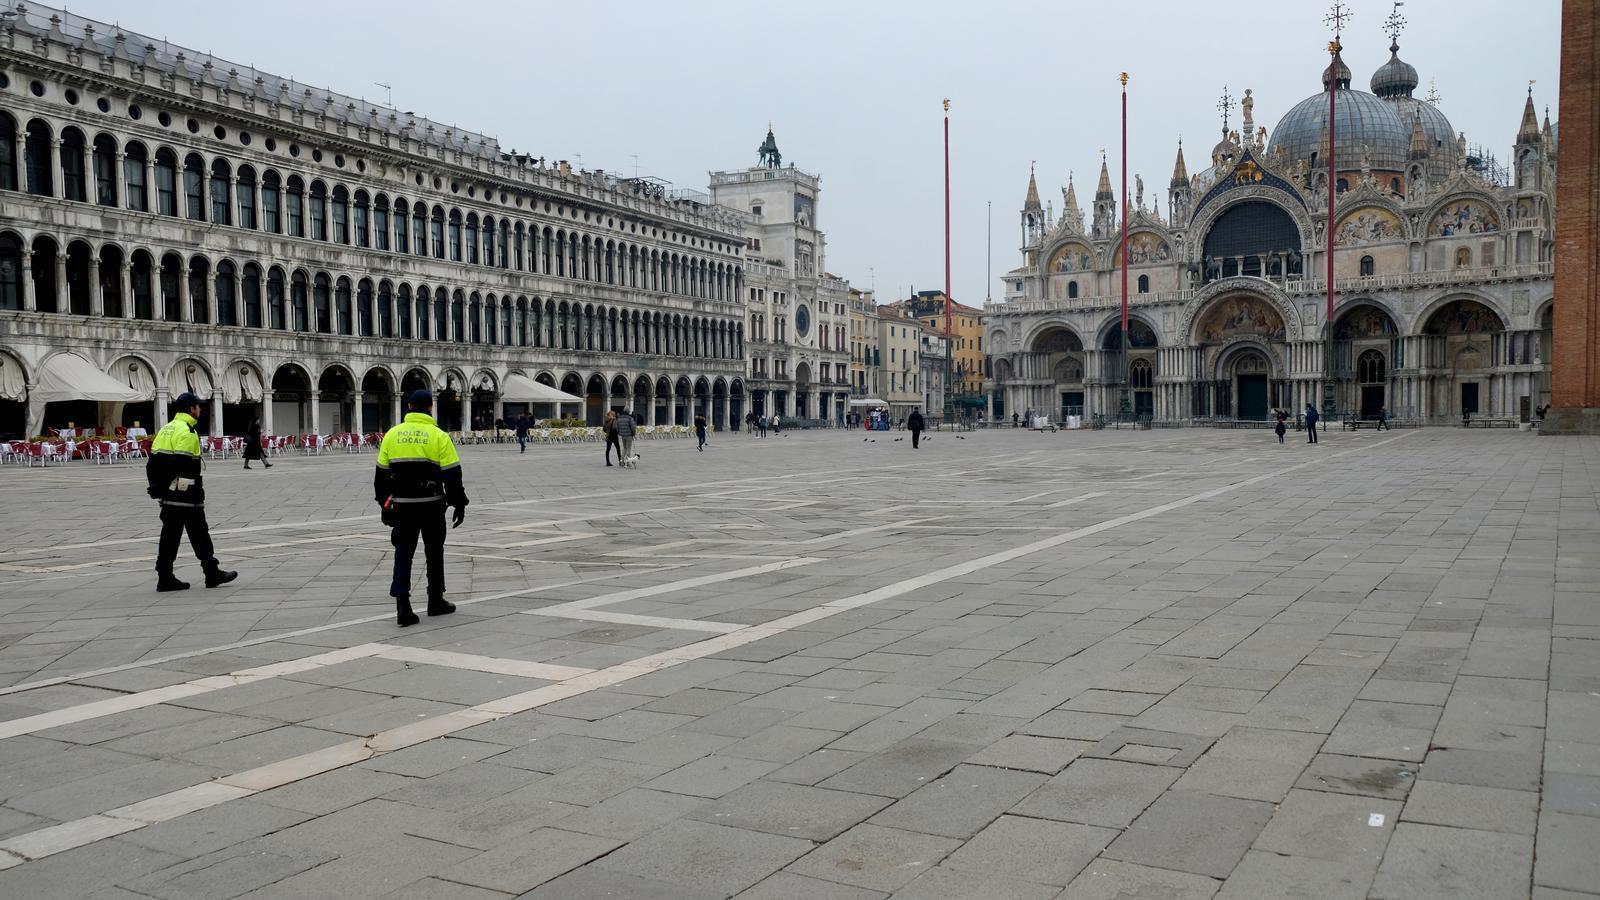 Plaça de Sant Marc a Venecia, Itàlia